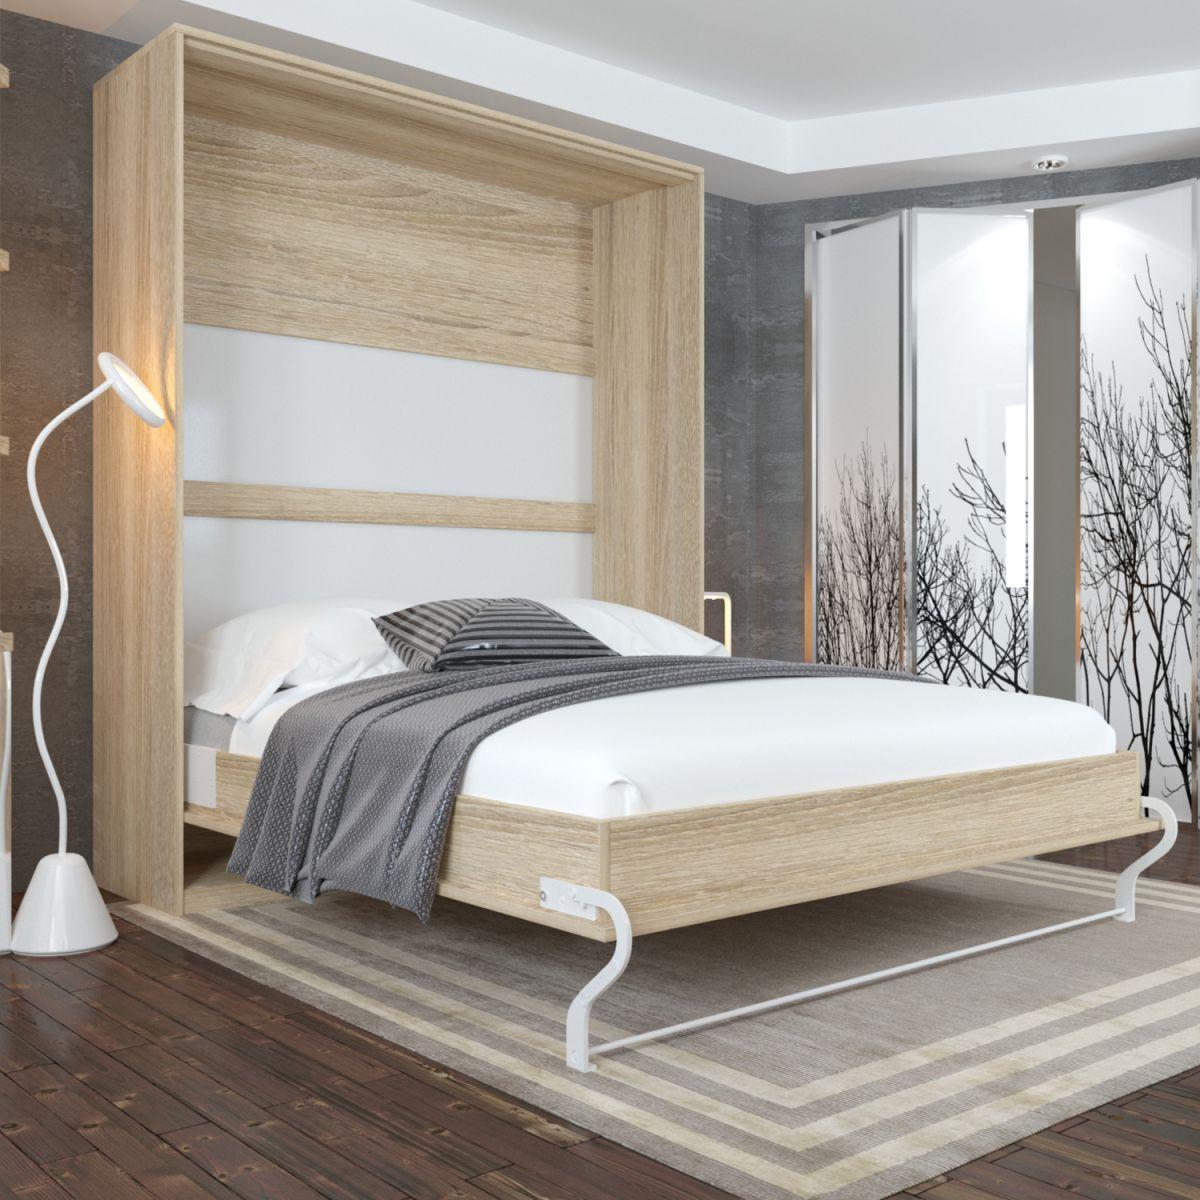 schrankbett murphy bed klappbett g stebett smartbett 160x200 eiche sonoma ebay. Black Bedroom Furniture Sets. Home Design Ideas